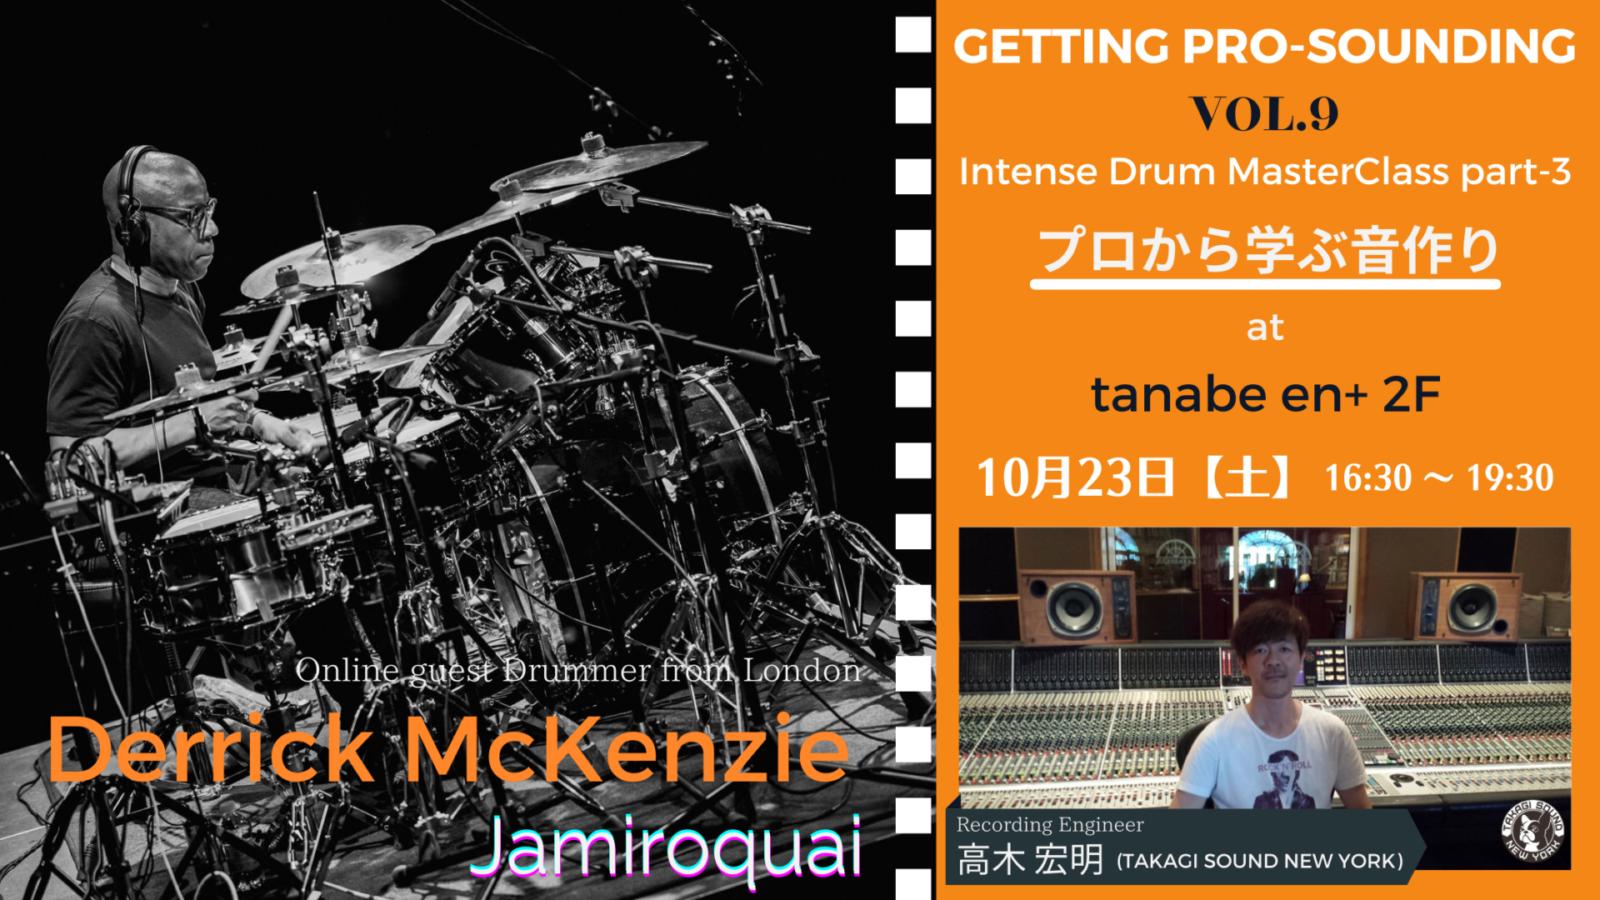 音楽講座『プロから学ぶ音作り』<br>Getting Pro-Sounding vol.9 with Derrick McKenzie (Jamiroquai)